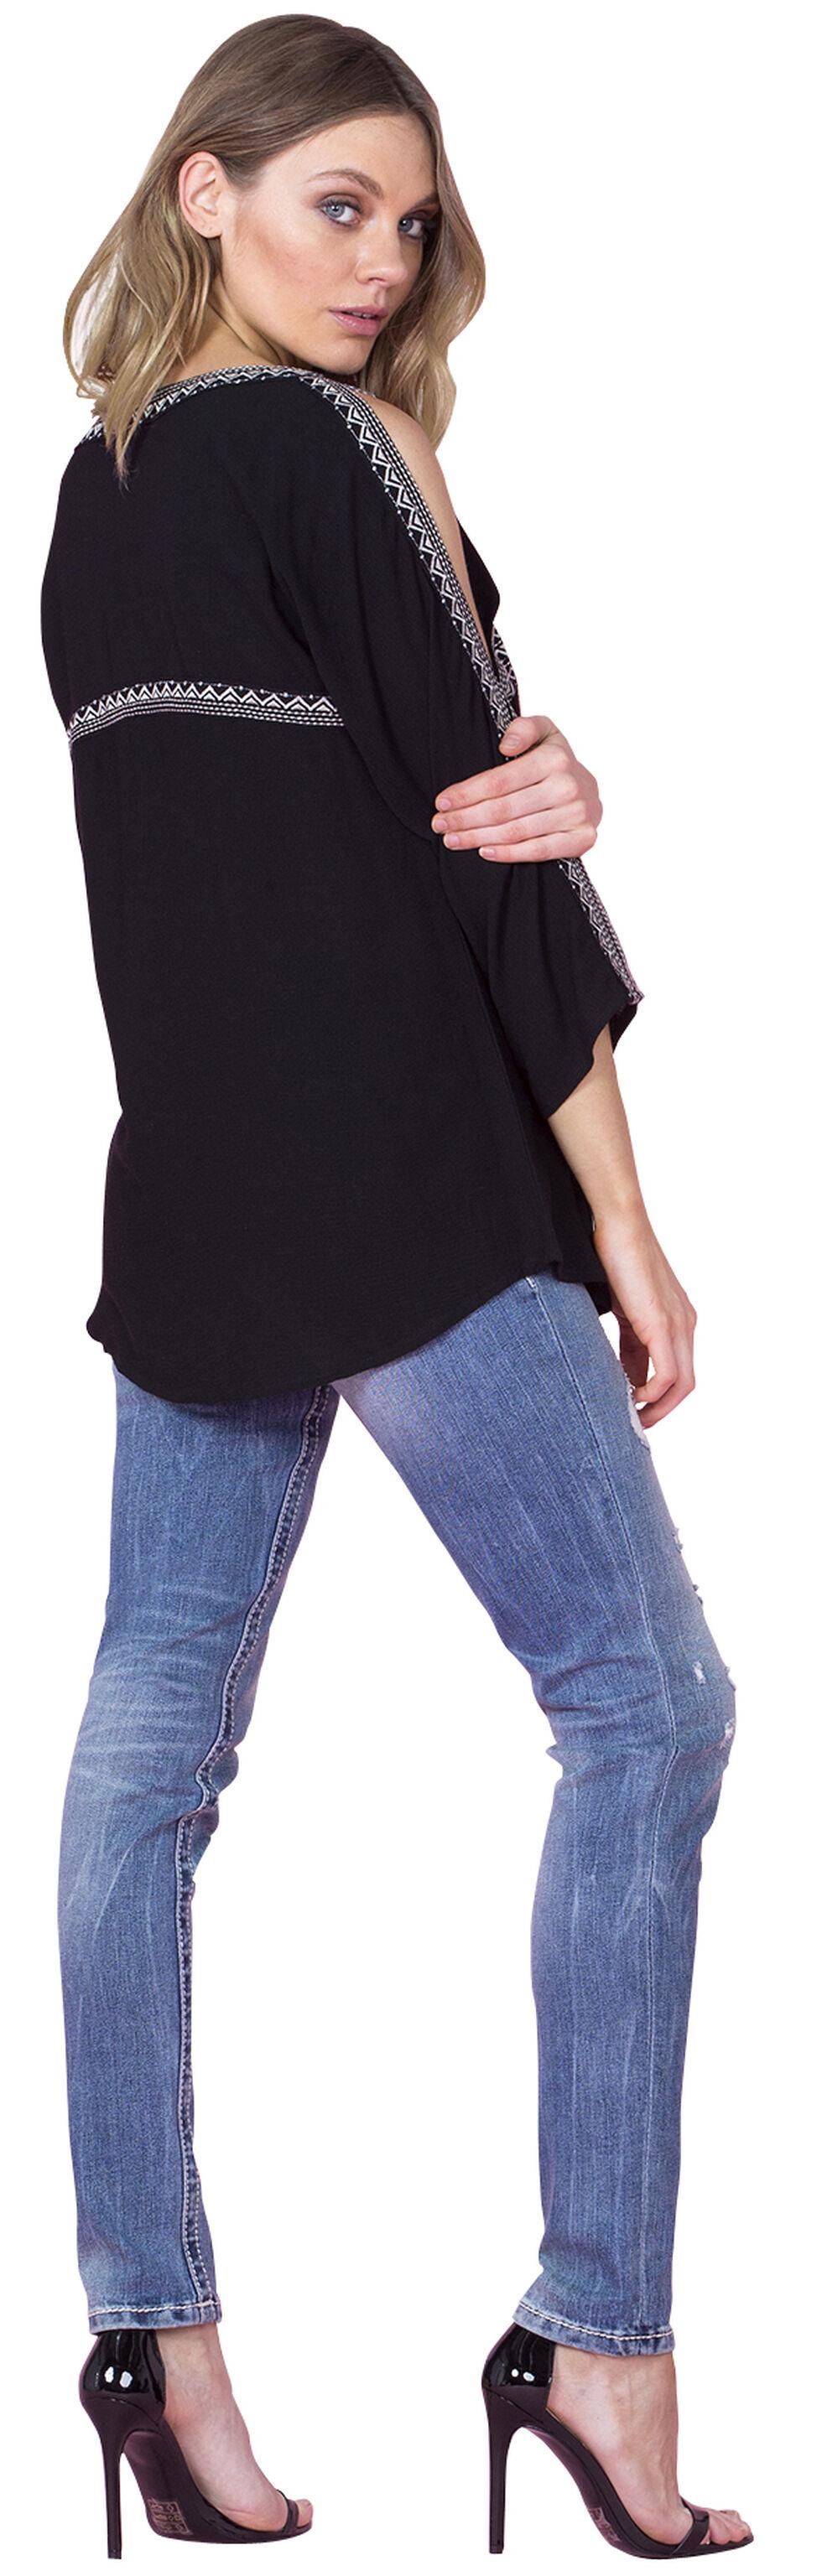 Miss Me Women's Black Open Shoulder Swing Top, Black, hi-res